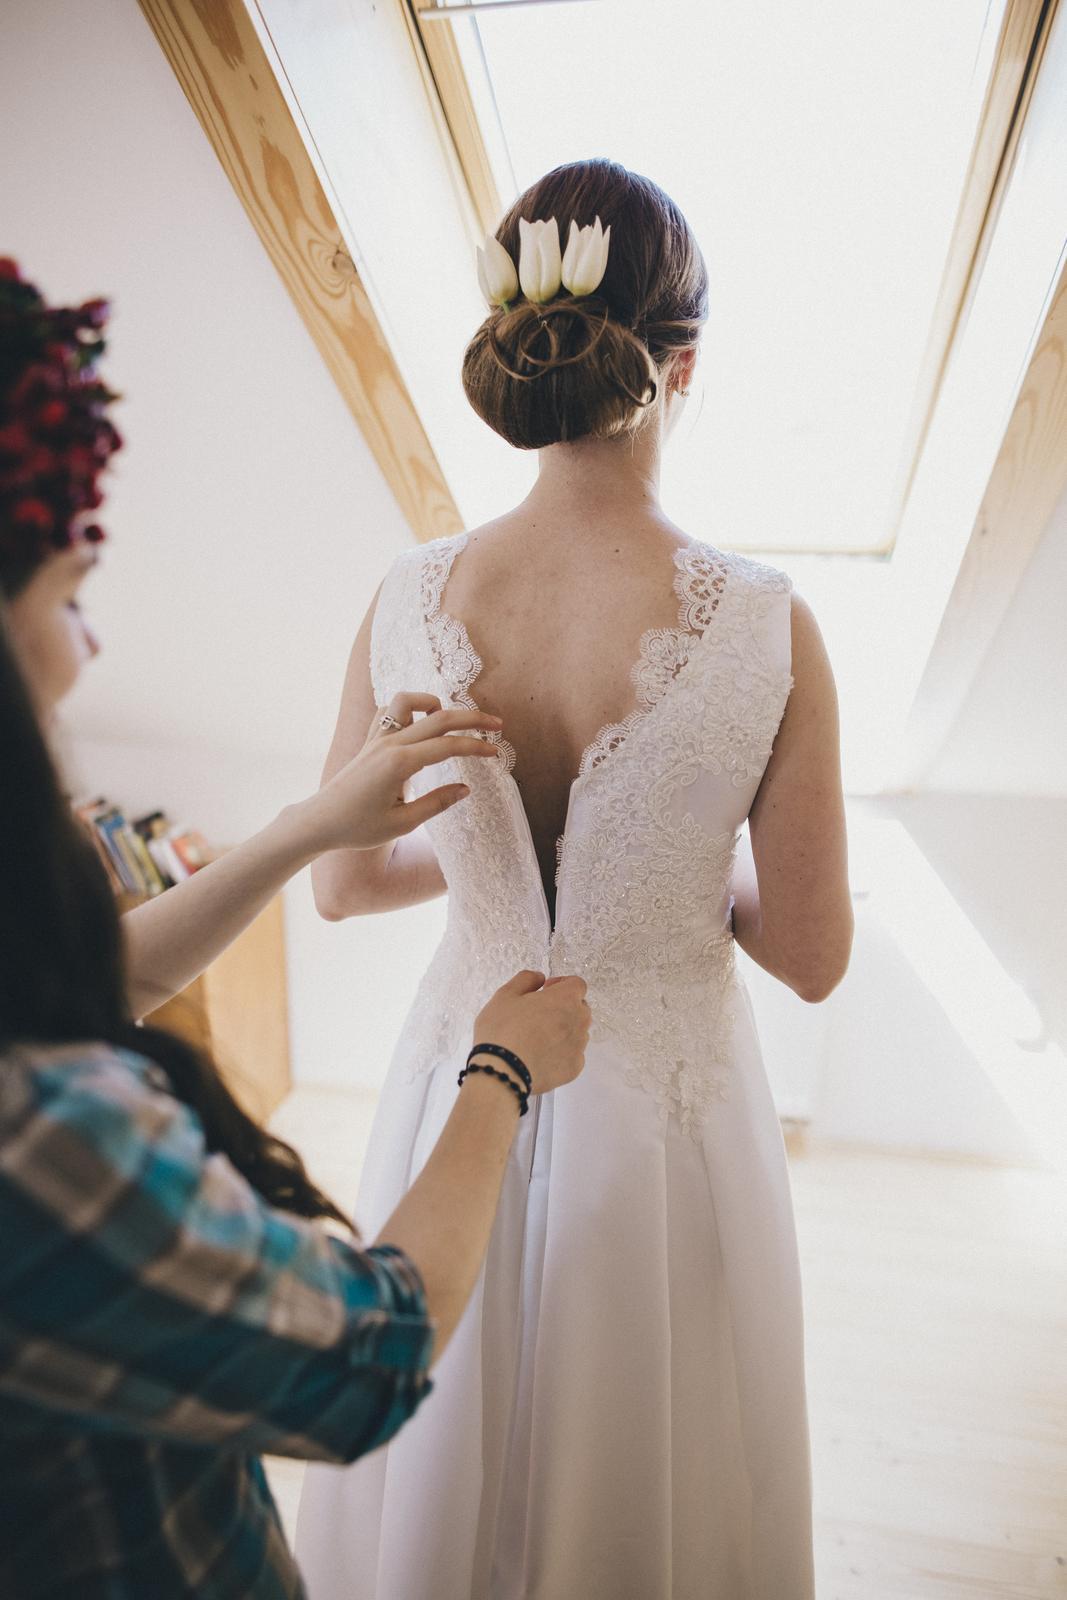 Svadobné šaty s čipkou 36/38 - Obrázok č. 3